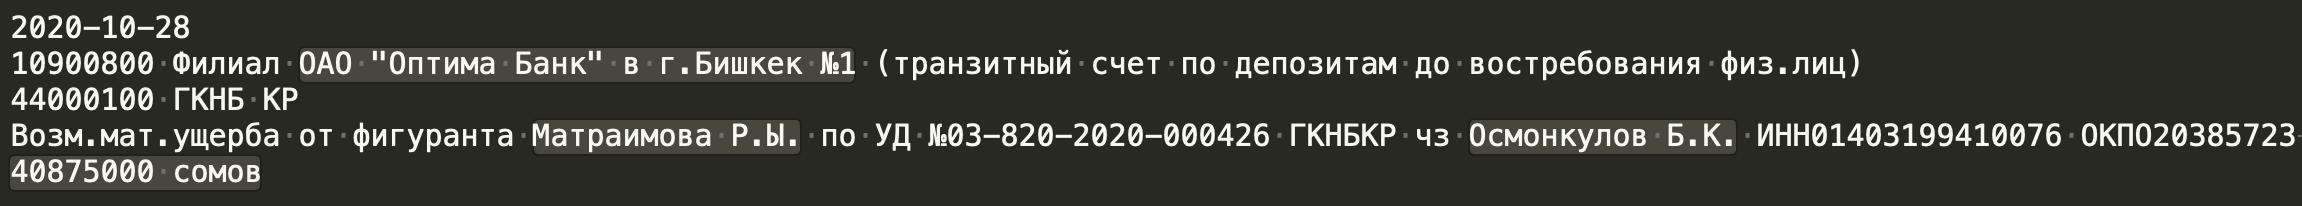 Райымбек Матраимов оплатил 40 миллионов 875 тысяч сомов